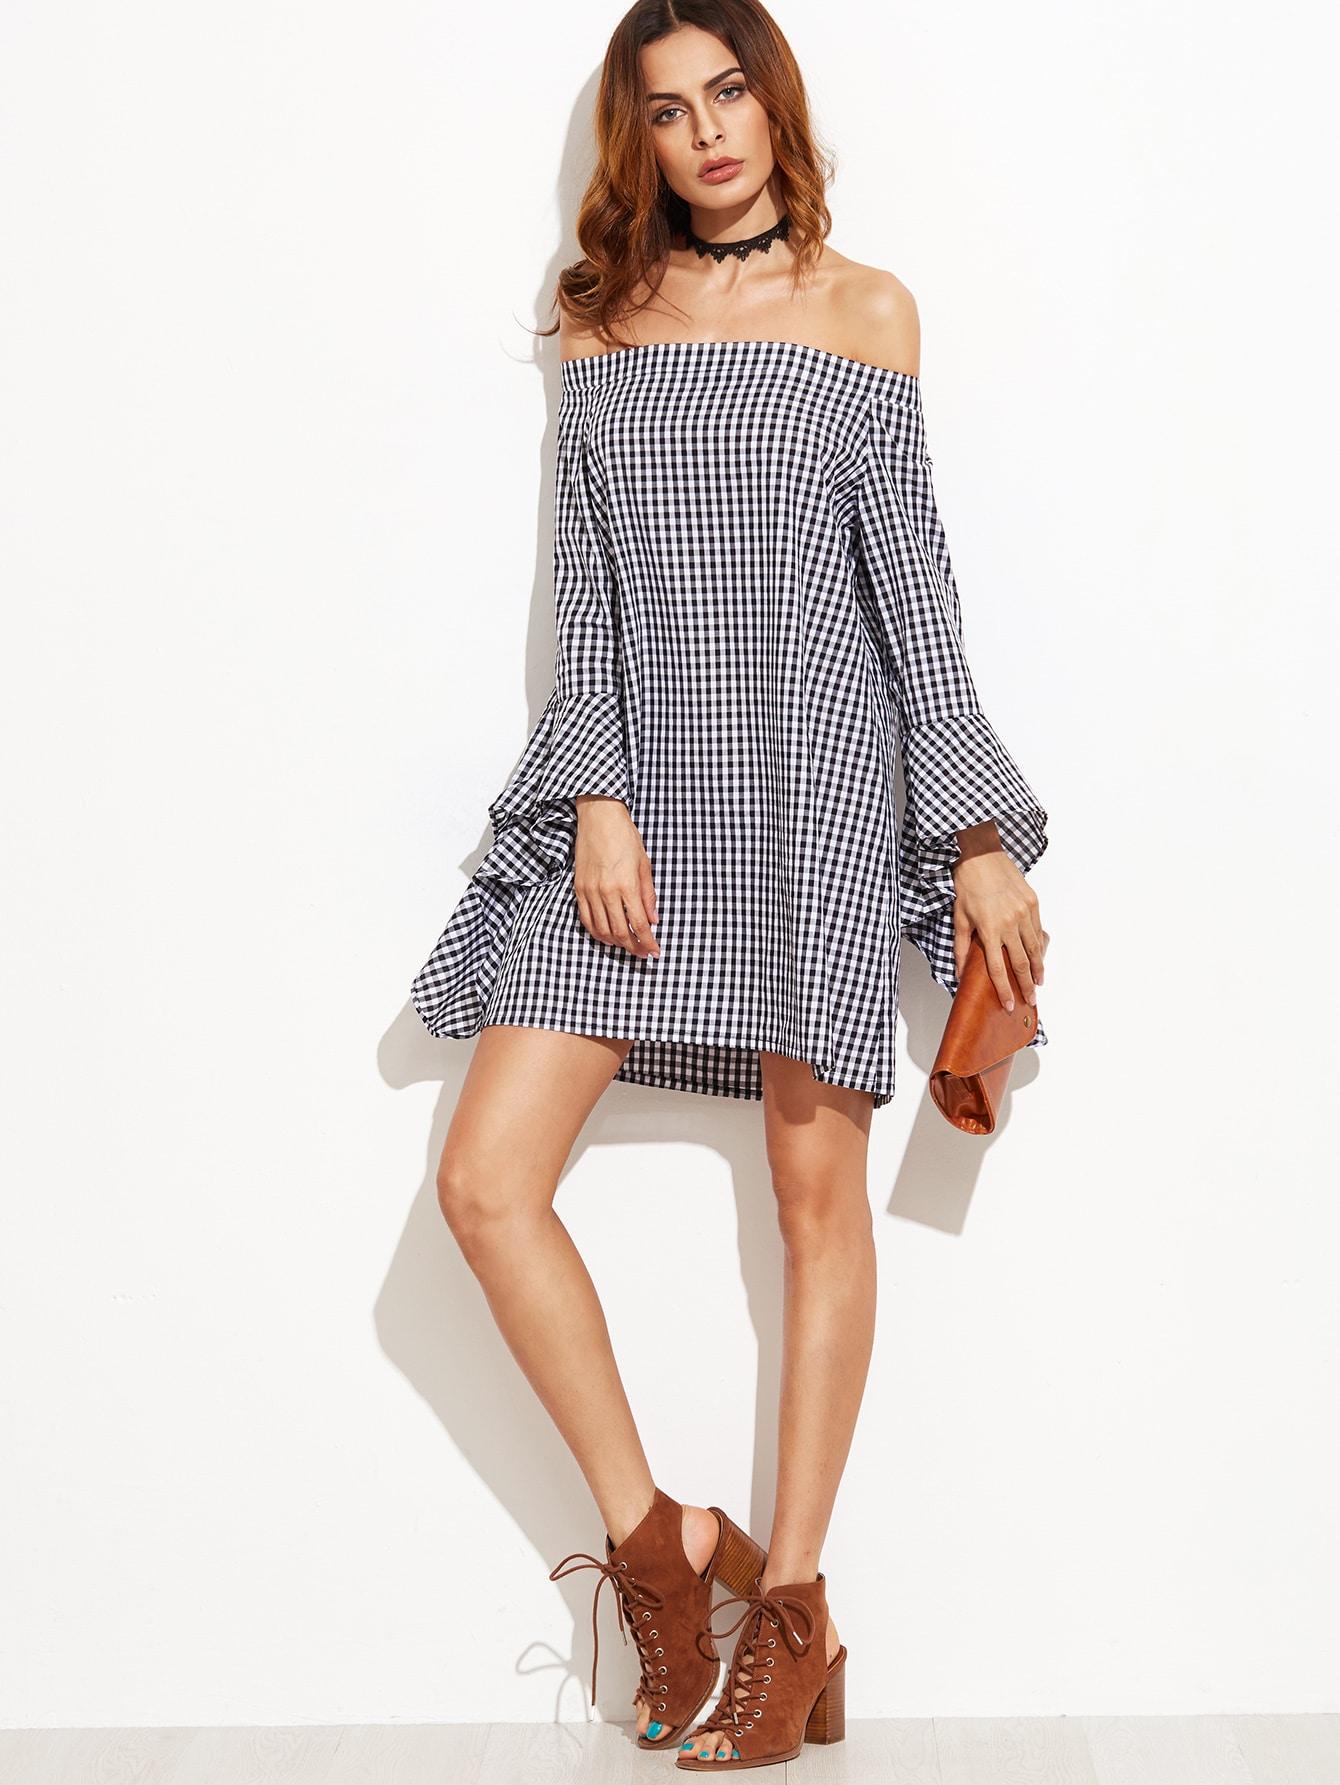 dress160831701_2